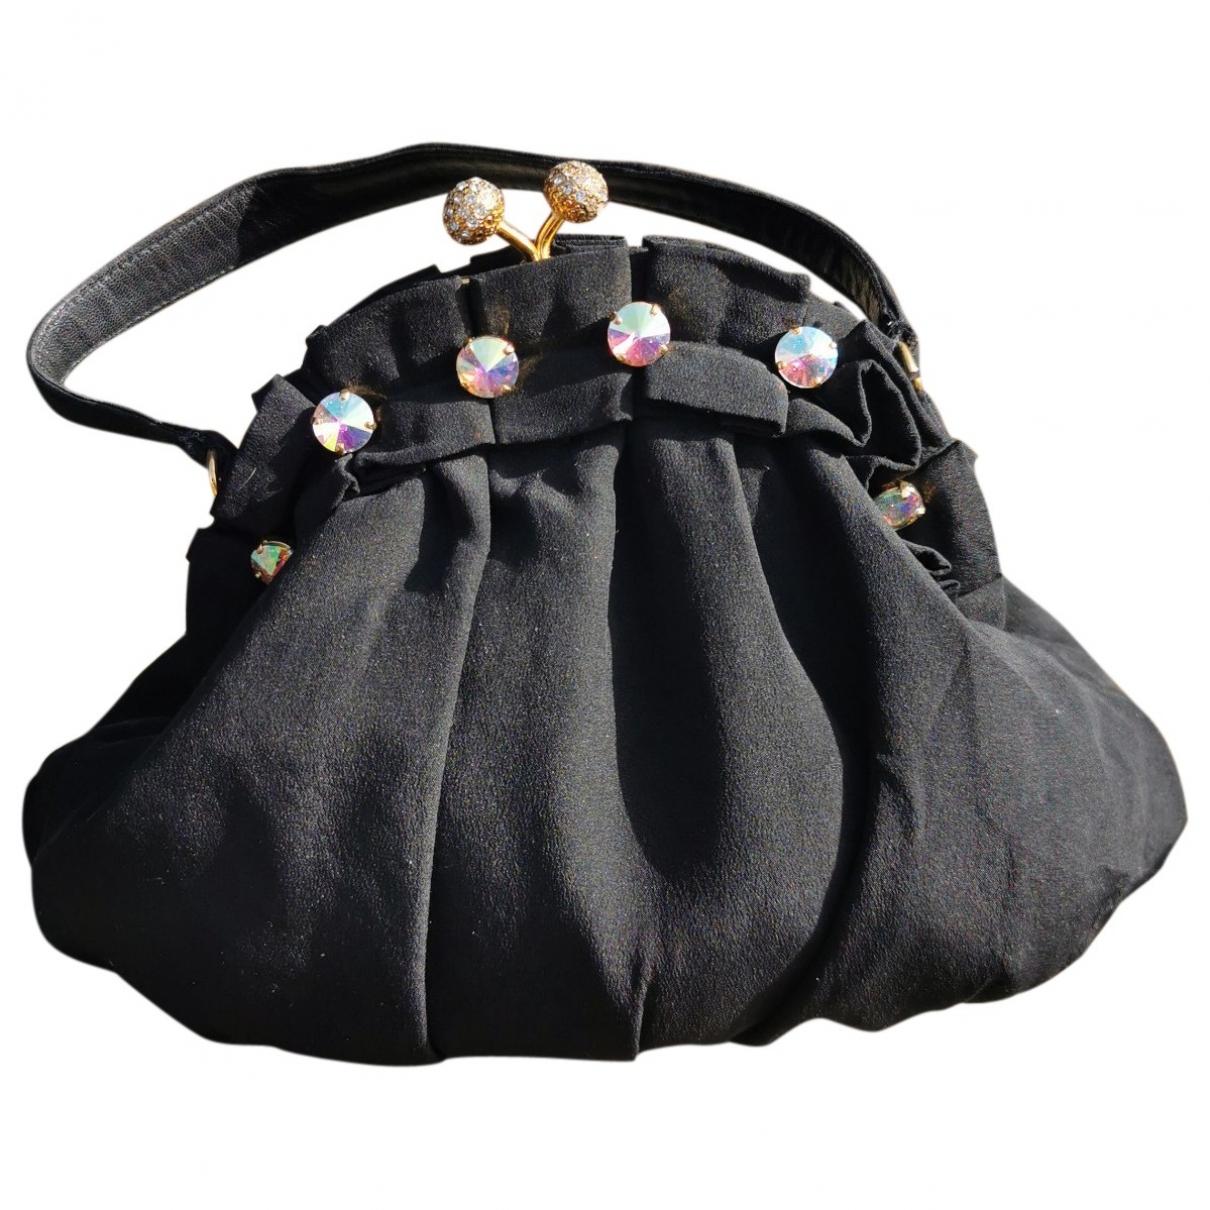 Moschino \N Handtasche in  Schwarz Synthetik